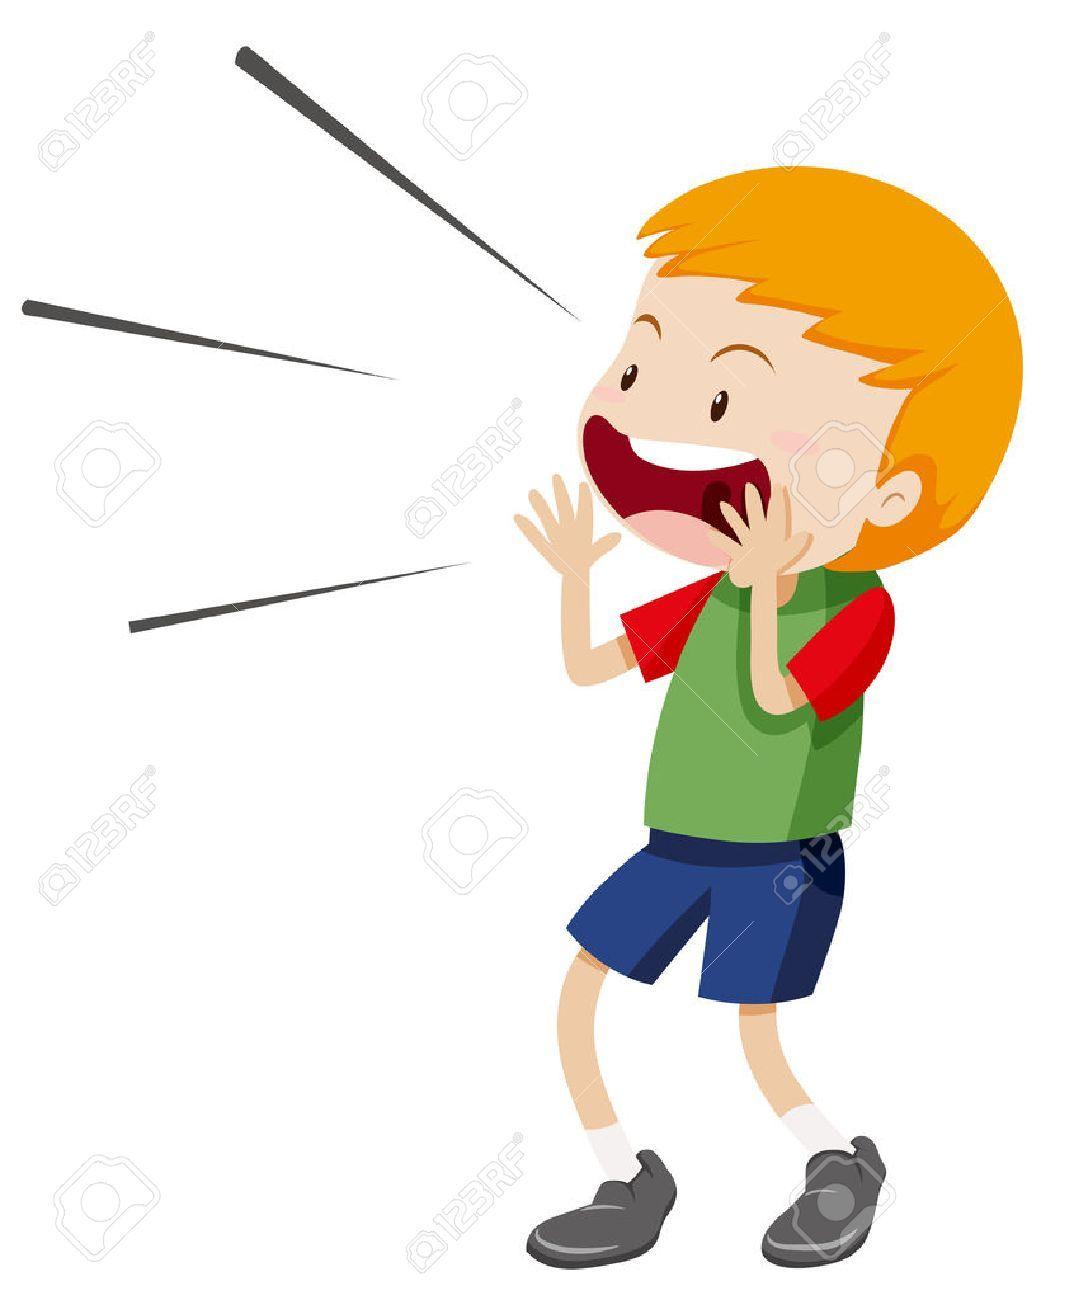 Clipart shout clip freeuse Shout kid clipart » Clipart Portal clip freeuse